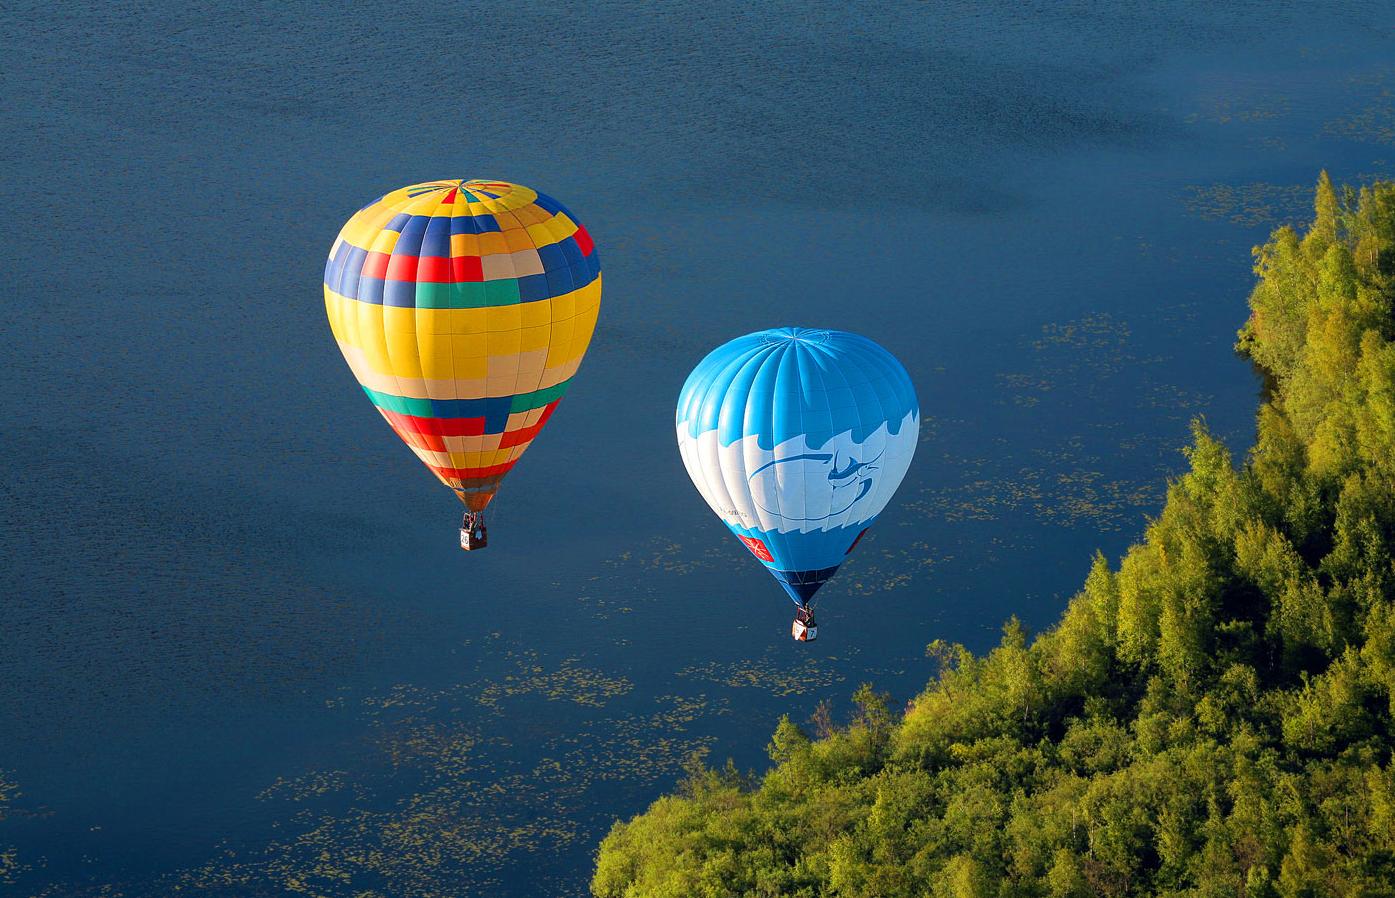 Бизнес-идея катания на воздушных шарах